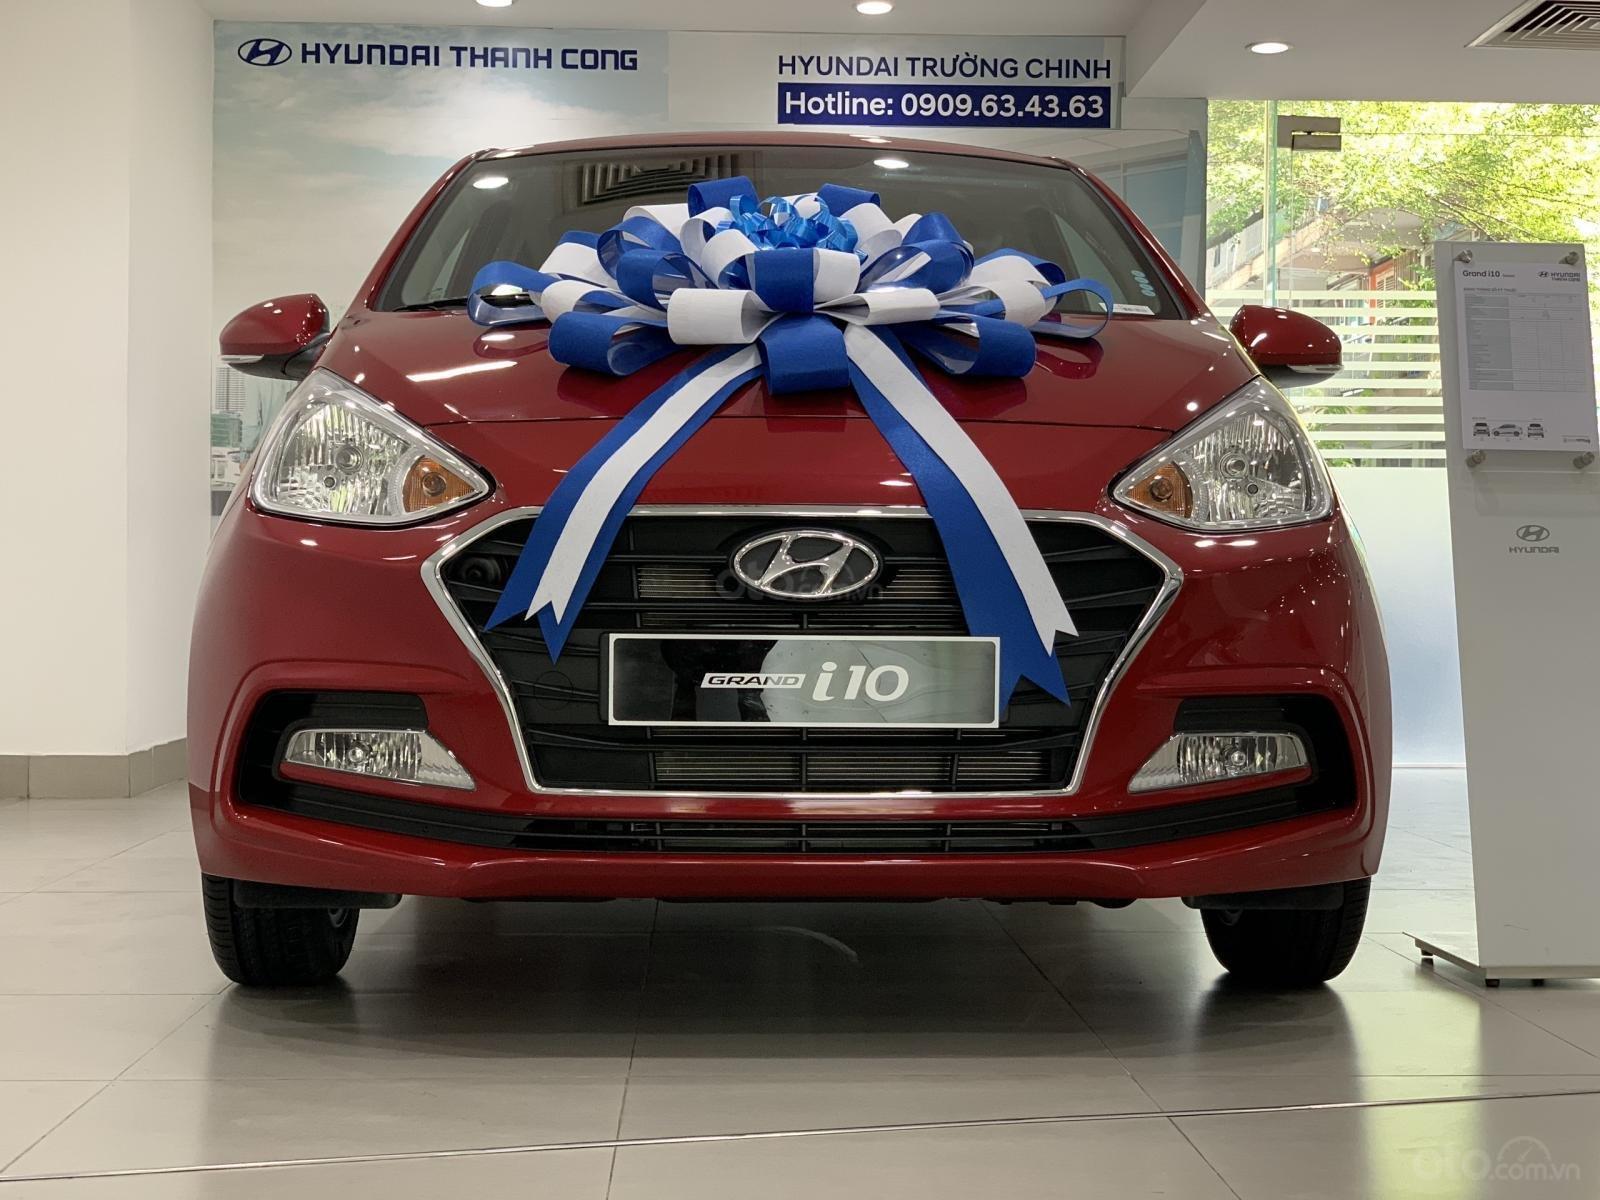 Bán Hyundai Grand I10 Sedan MT đỏ giao ngay, hỗ trợ đăng kí Grab, lấy xe chỉ với 130tr, LH 0977139312 (1)